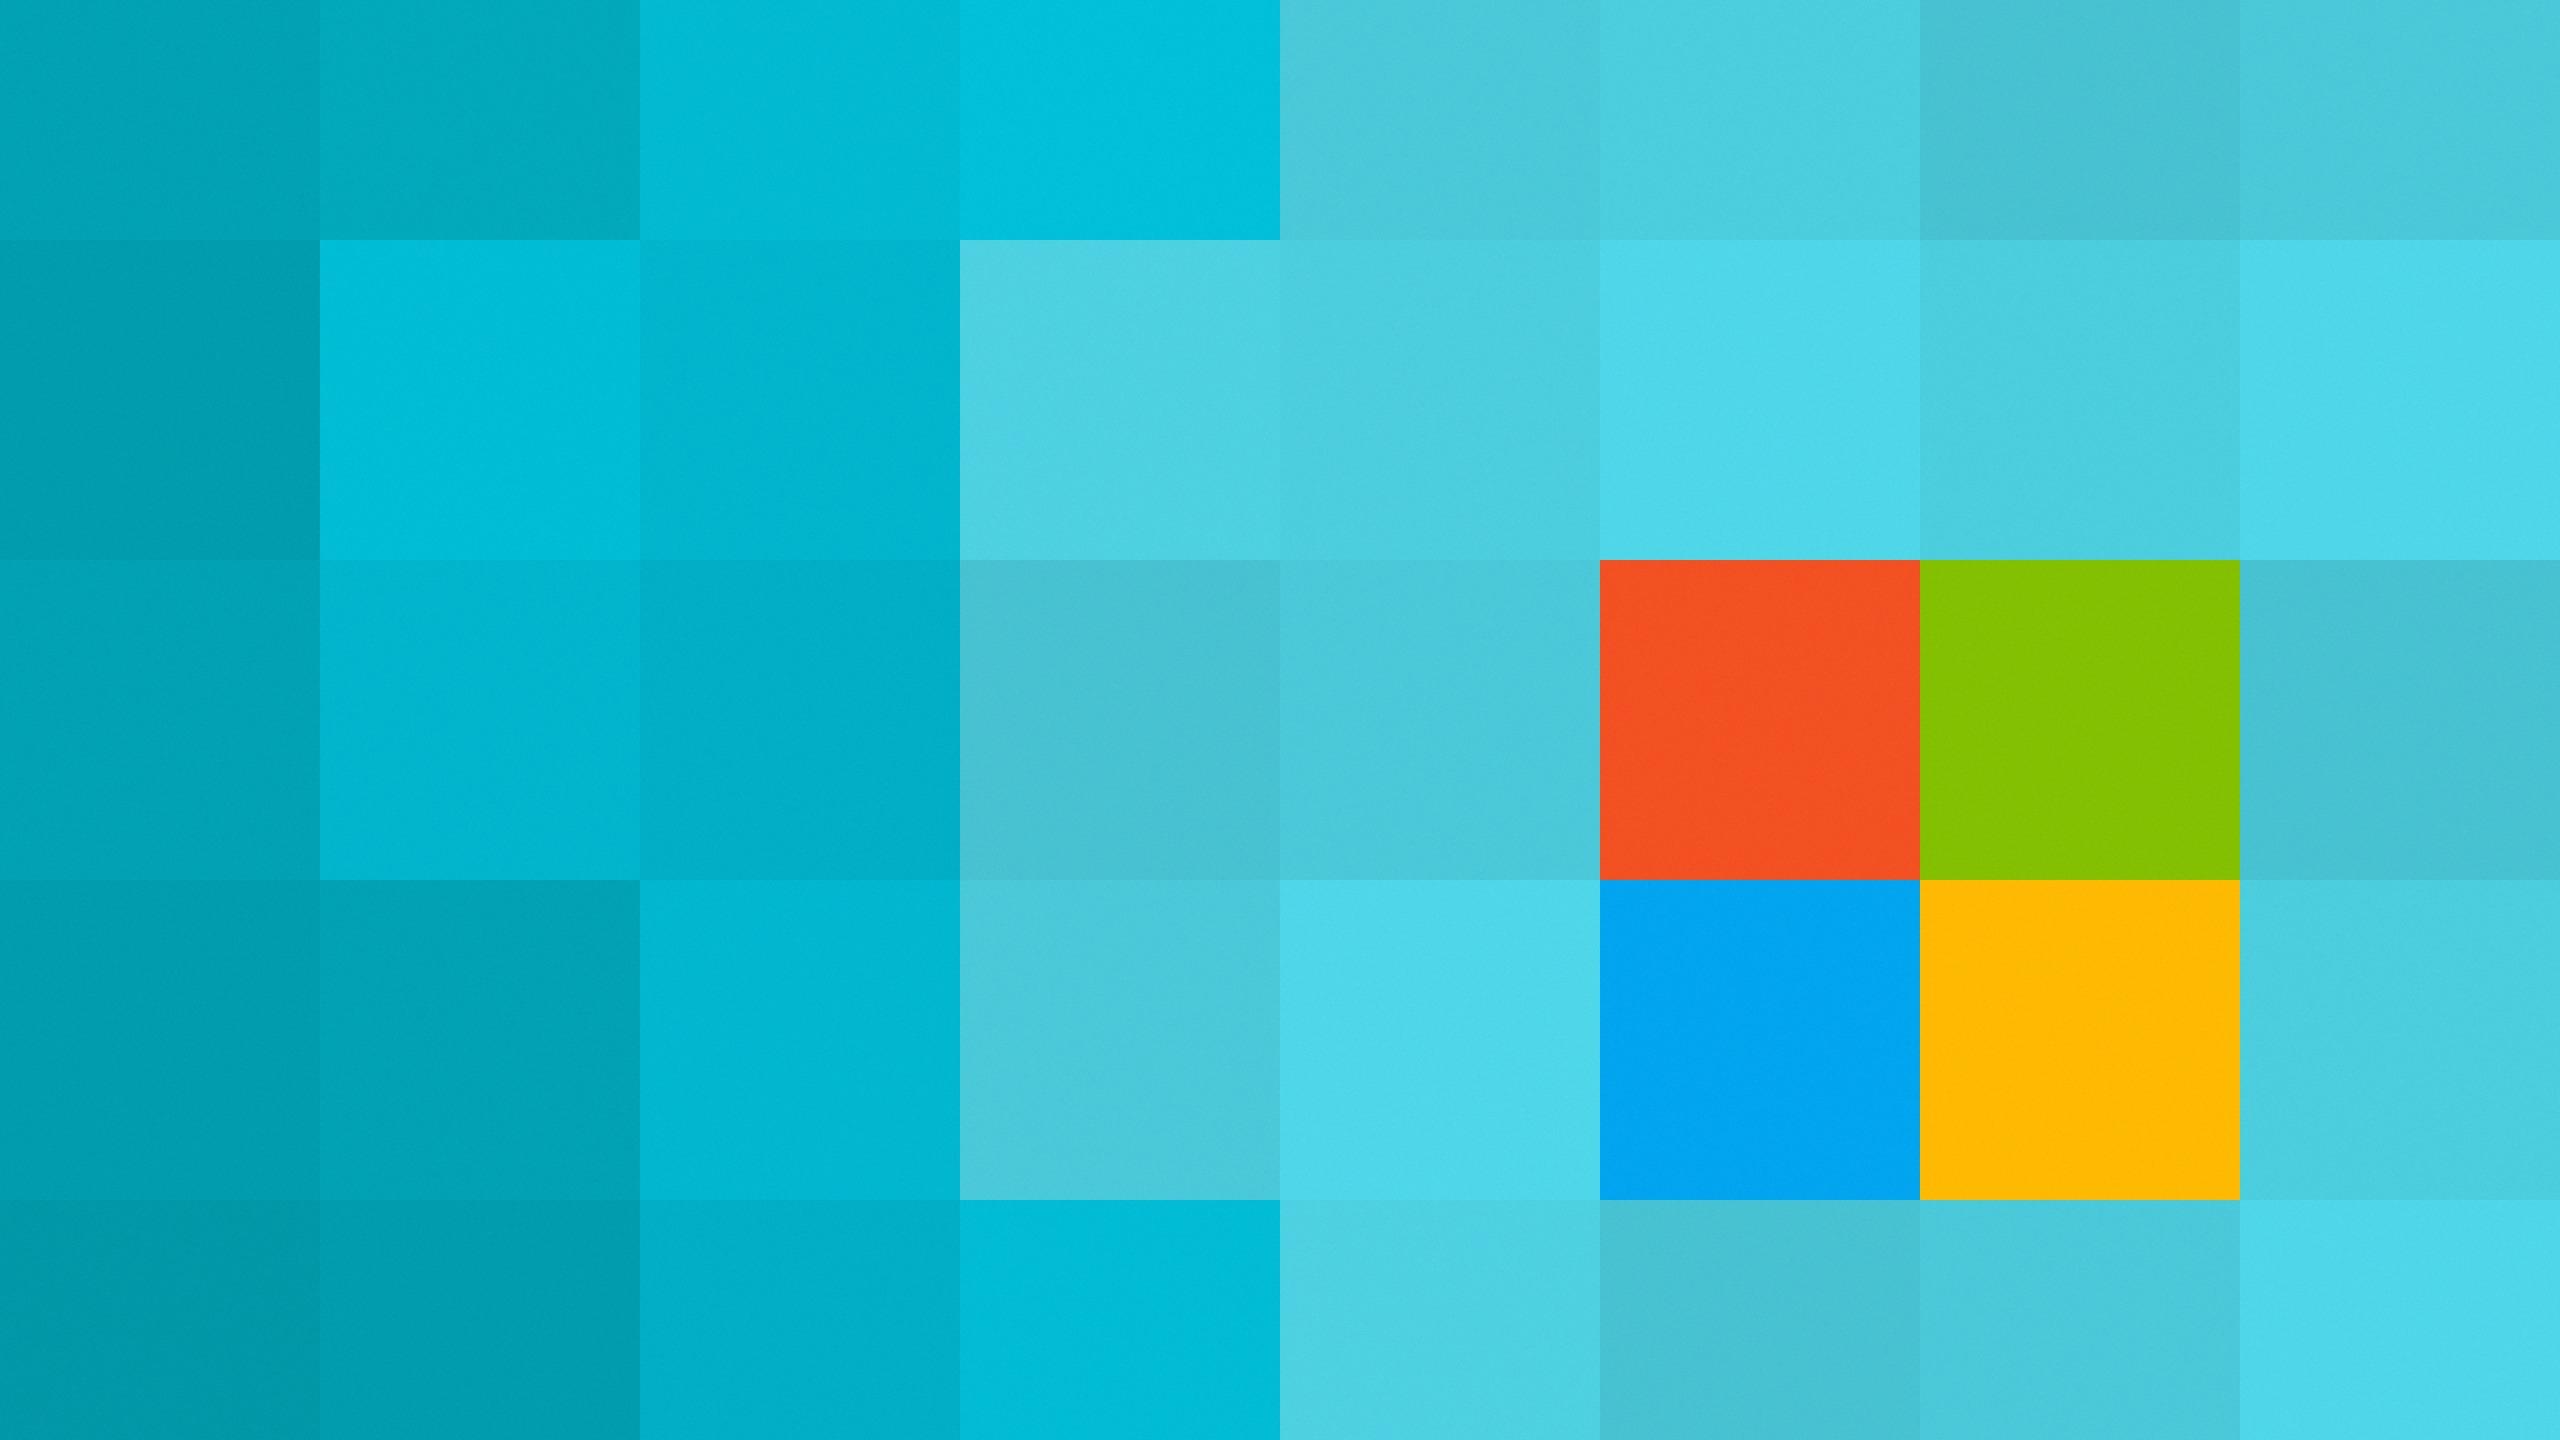 2560x1440 Windows 10 Minimal desktop PC and Mac wallpaper 2560x1440